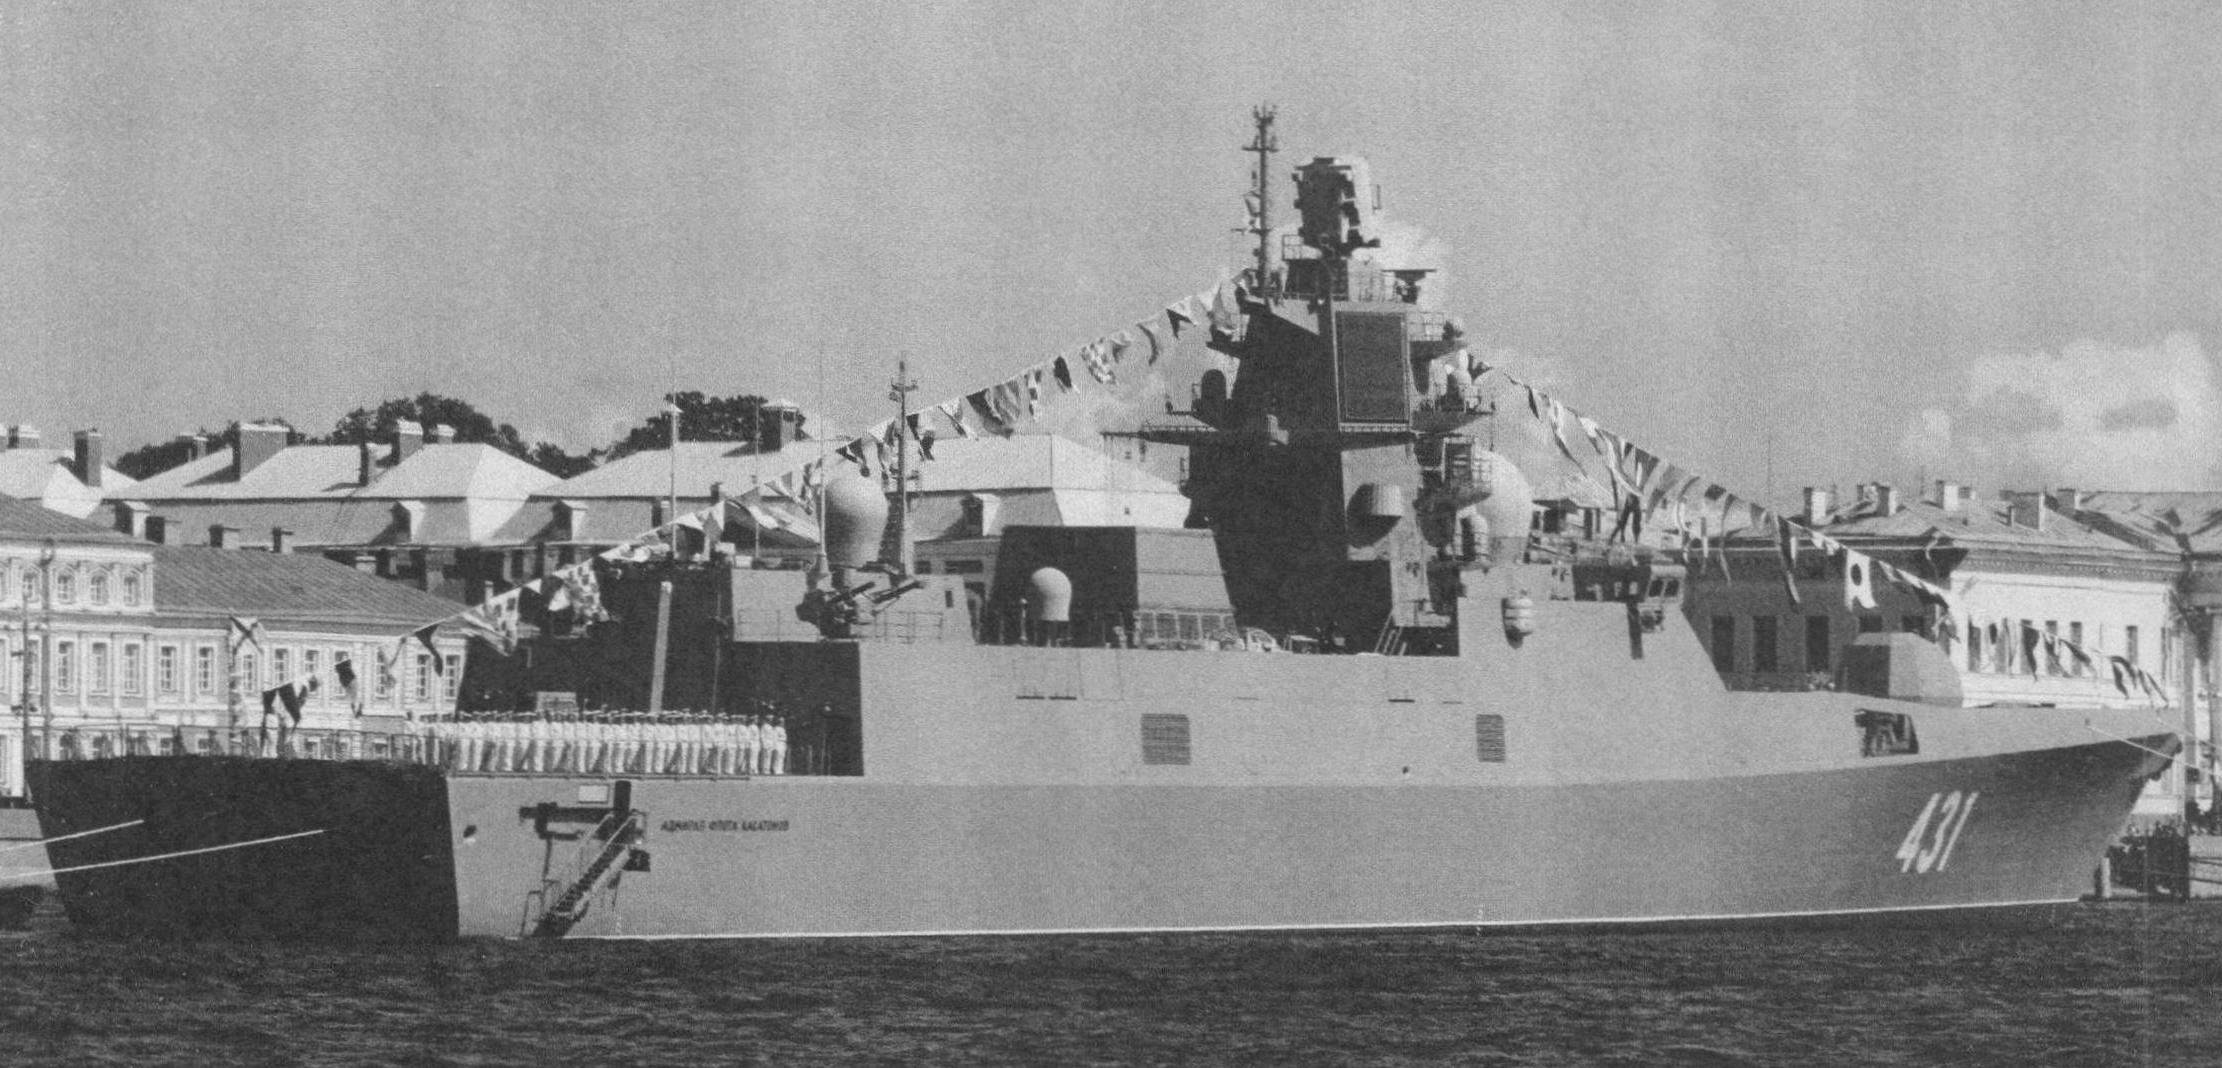 Фрегат УРО «Адмирал флота Касатонов» на Неве